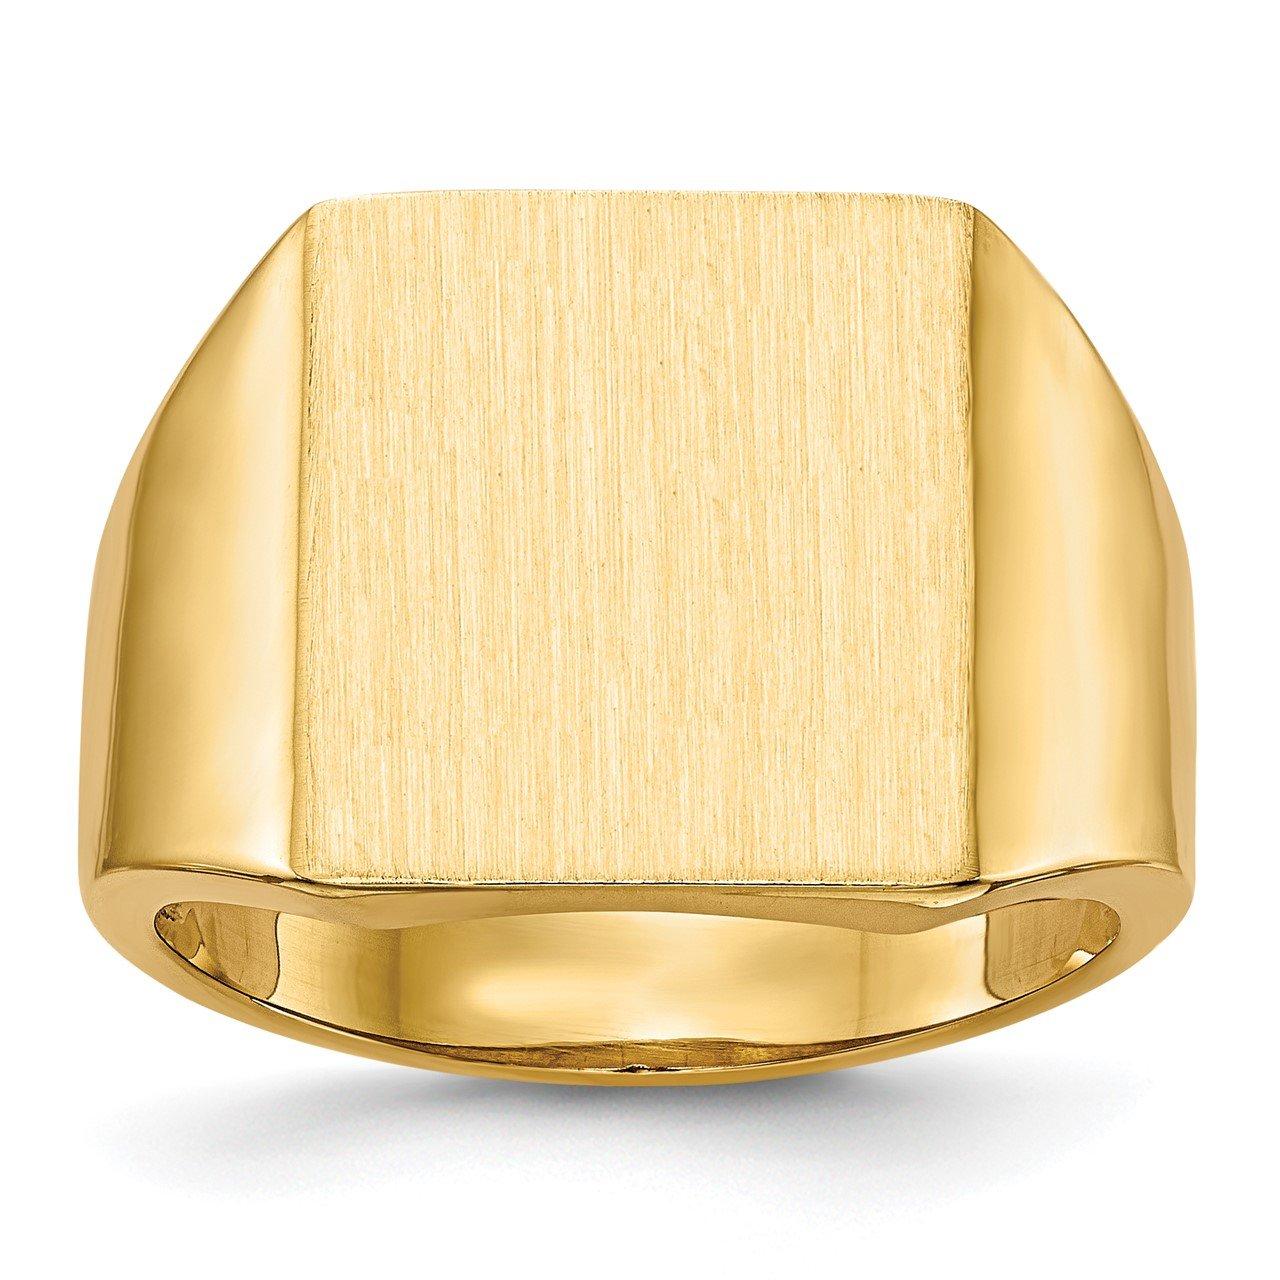 14k 15.0x13.5mm Open Back Mens Signet Ring